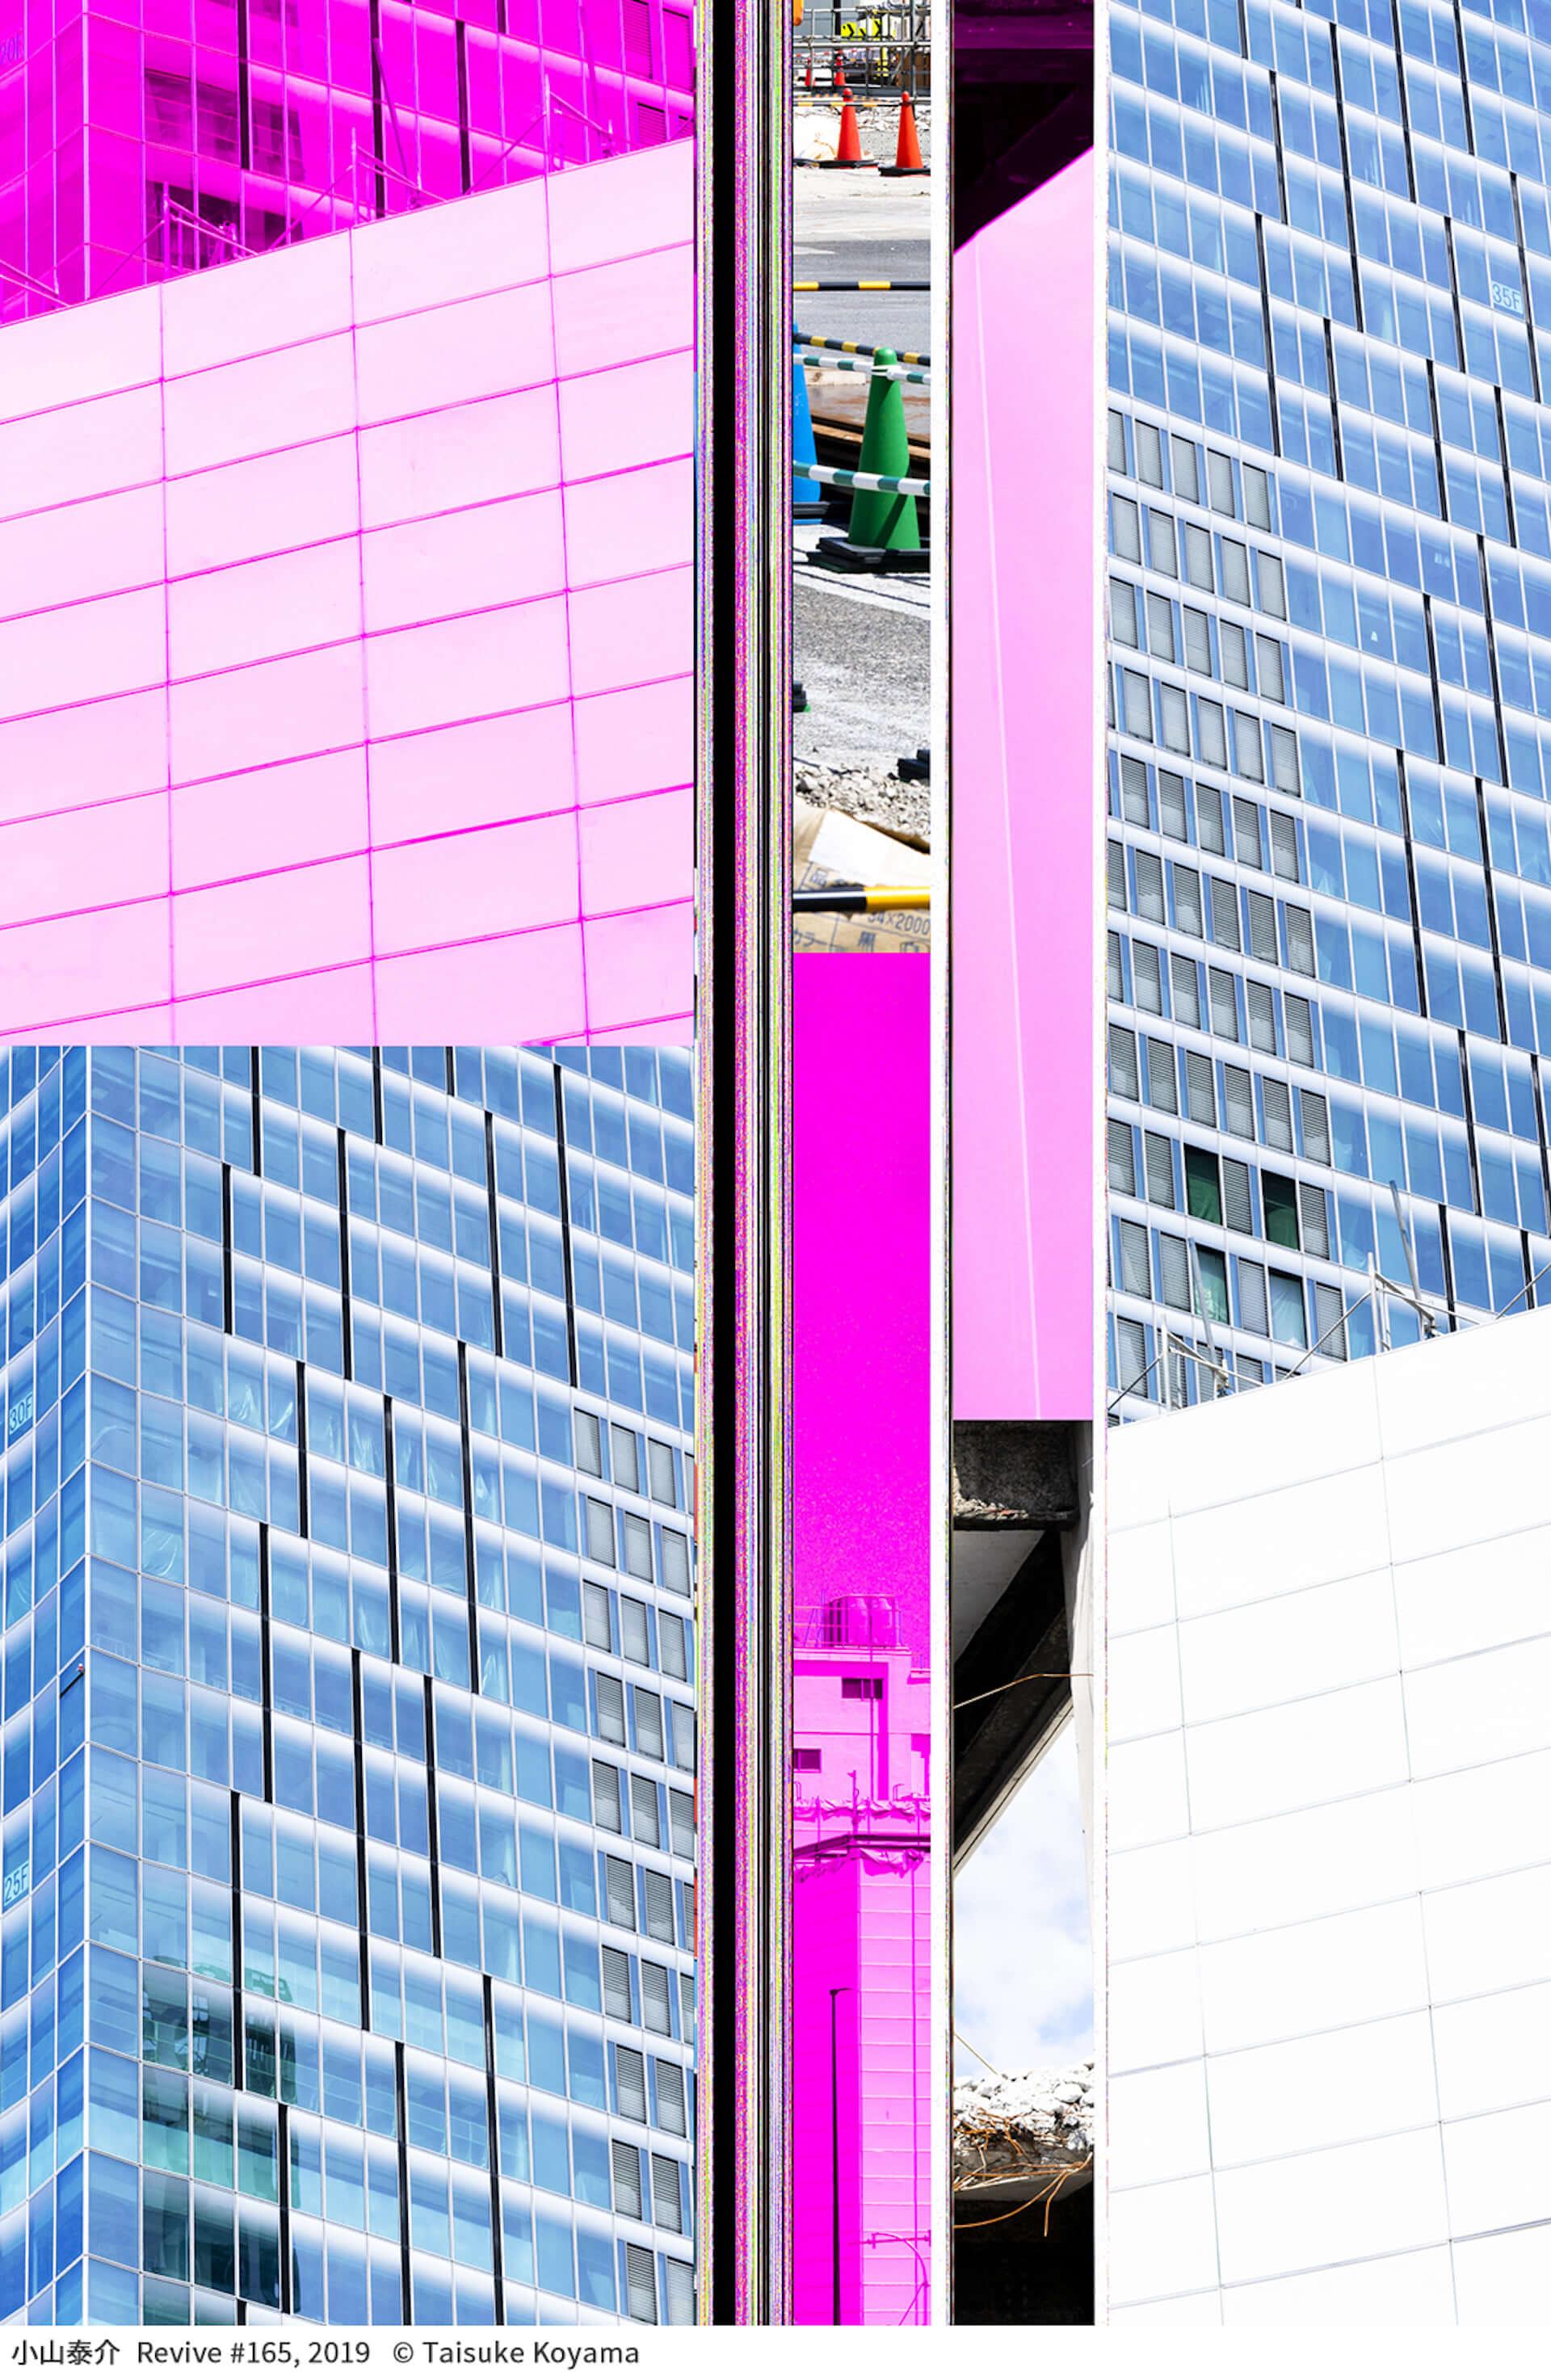 蔦屋書店にて<東京フォトグラフィックリサーチ>開催決定!小山泰介や永田康祐らが東京をテーマに写真・映像作品を制作 dee70c4bfca3575c2805880e1284b2ea-1920x2946